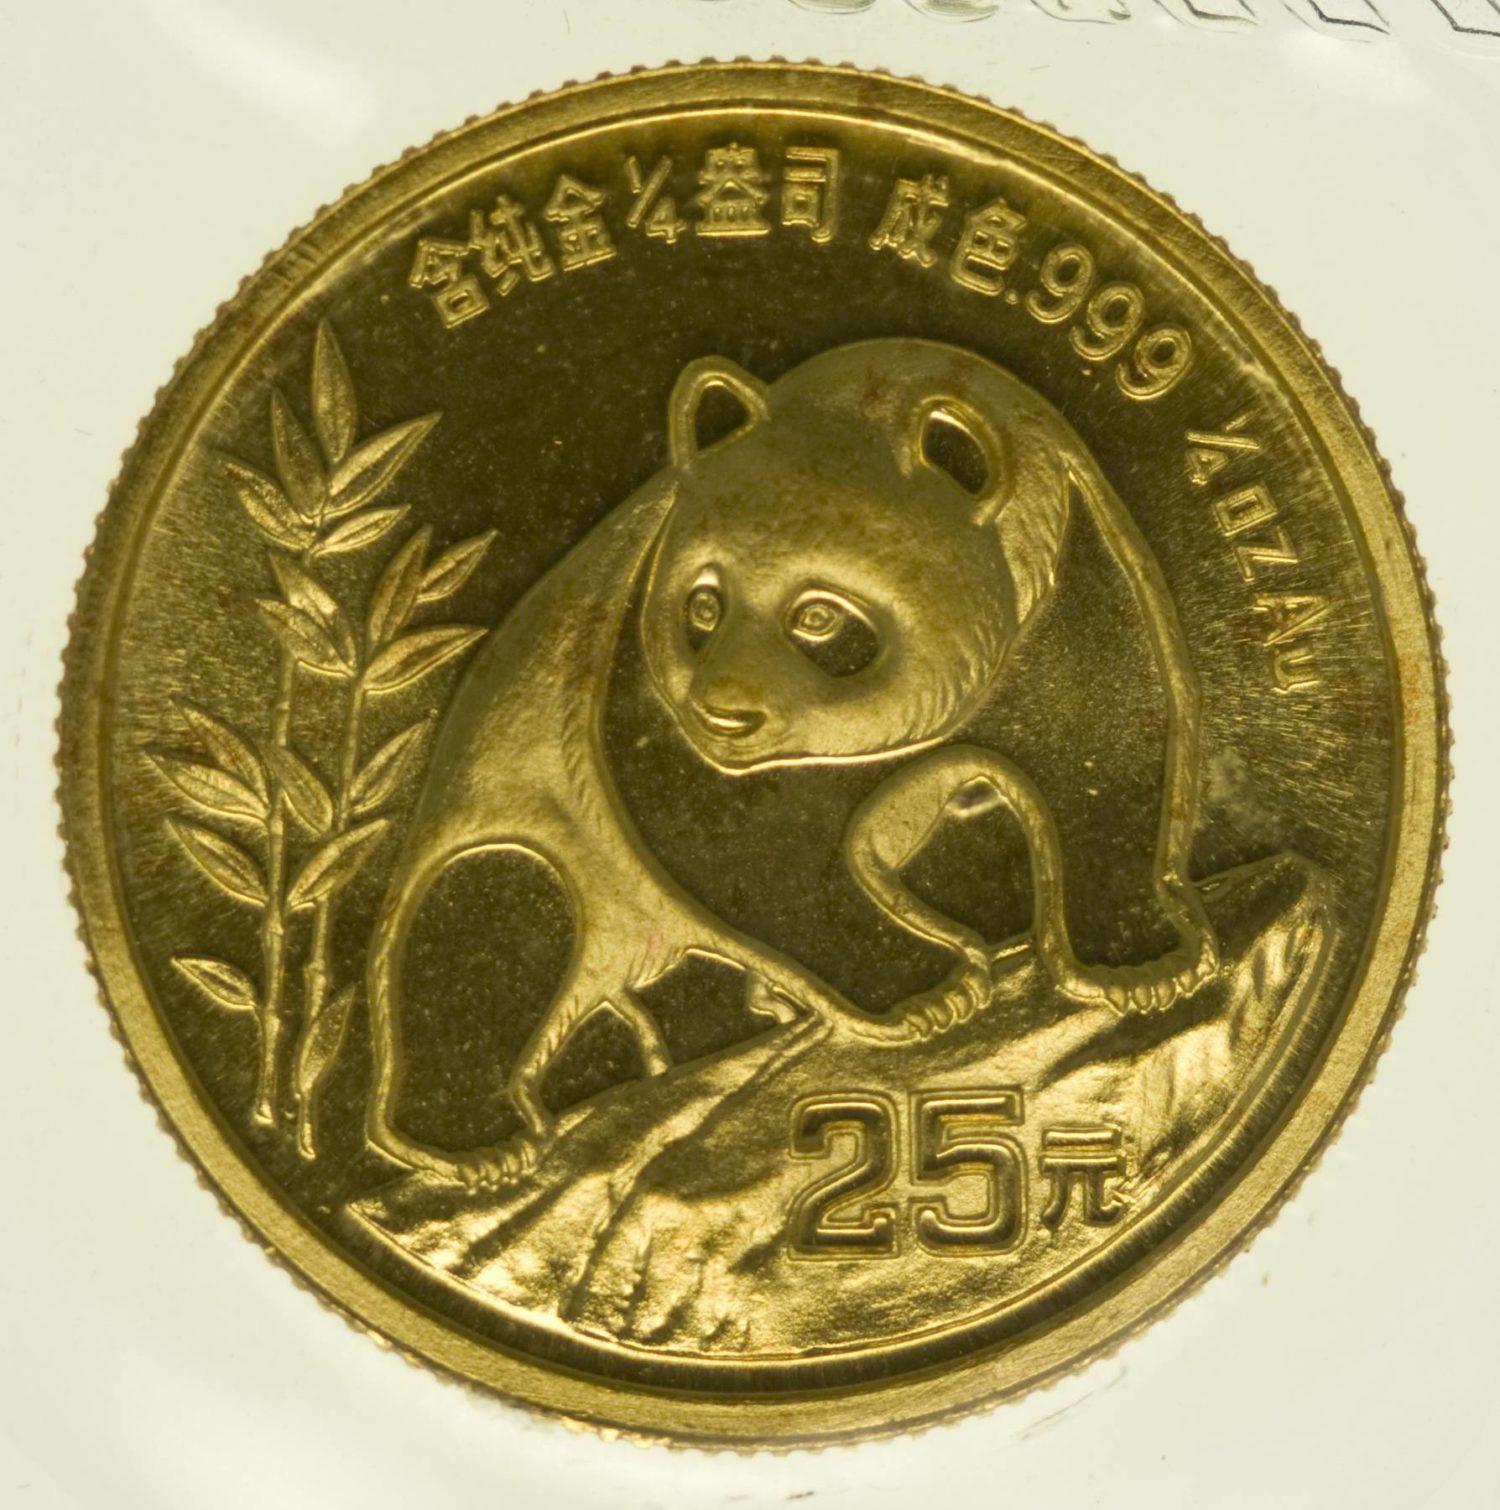 1/4 Unze Goldmünze China Panda 1990 25 Yuan 7,78 Gramm fein Gold RAR